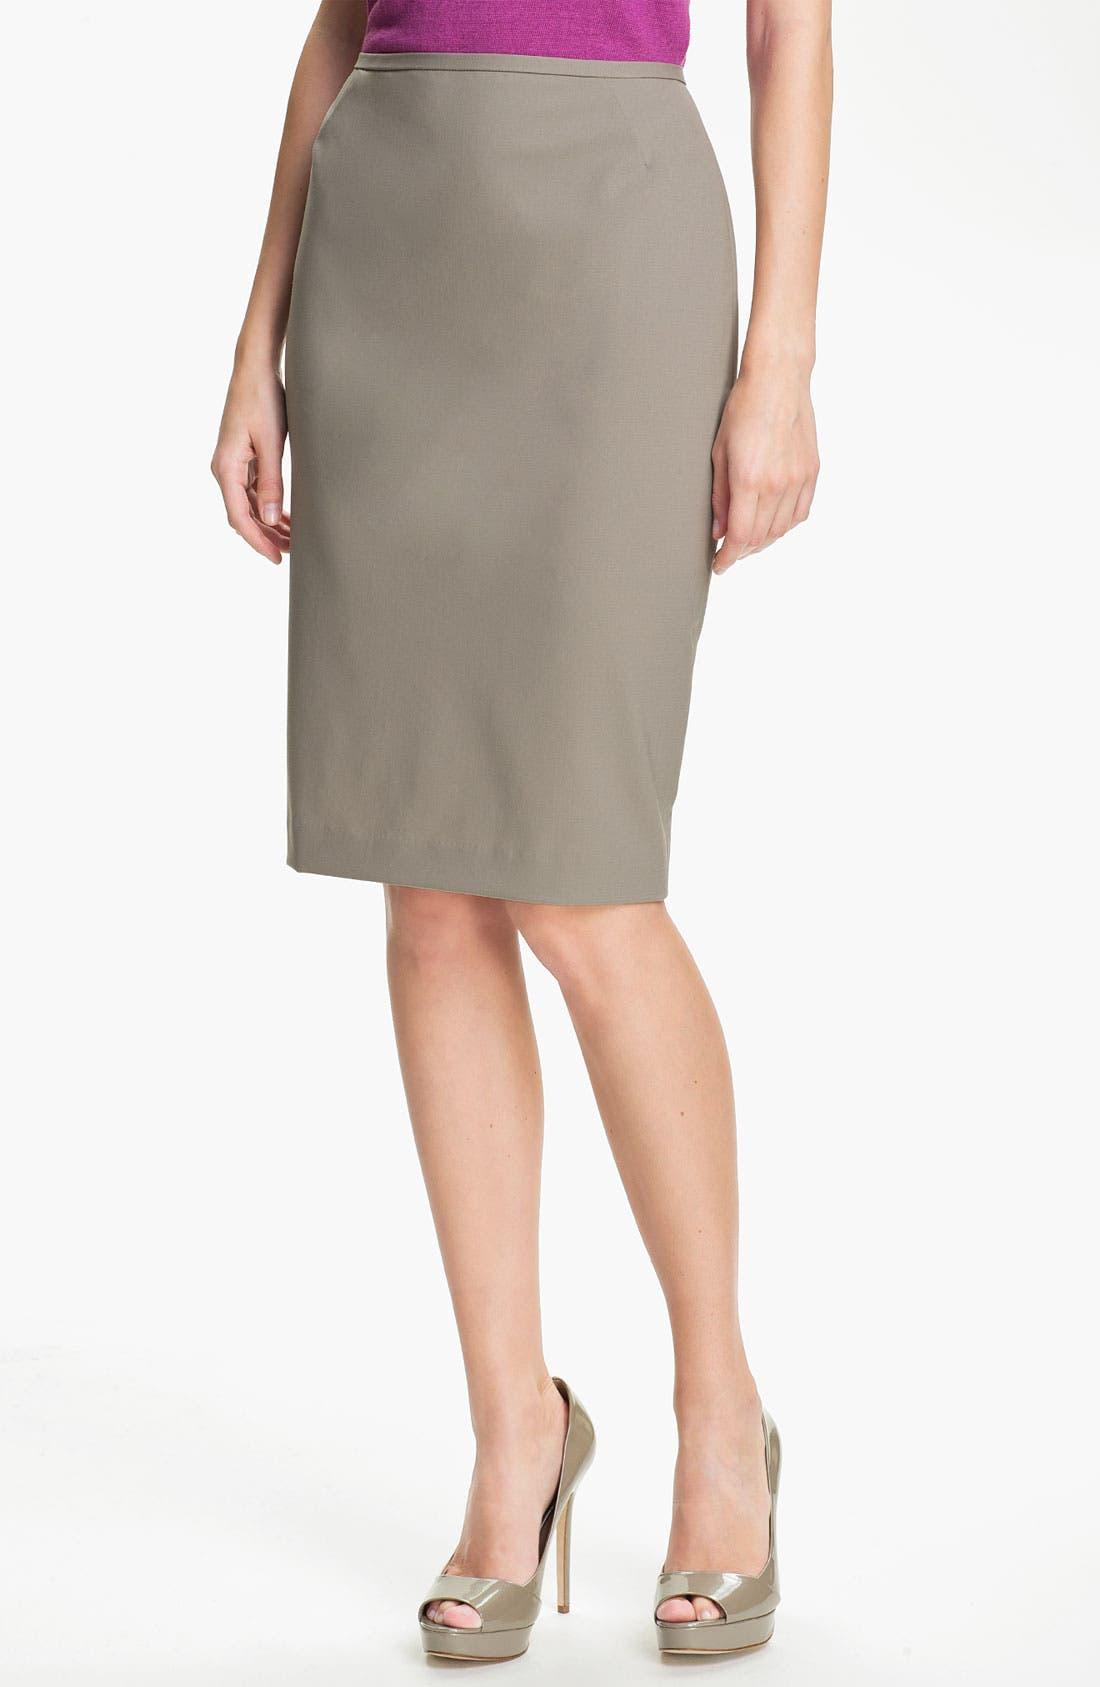 Alternate Image 1 Selected - Lafayette 148 New York 'Maxine' Skirt